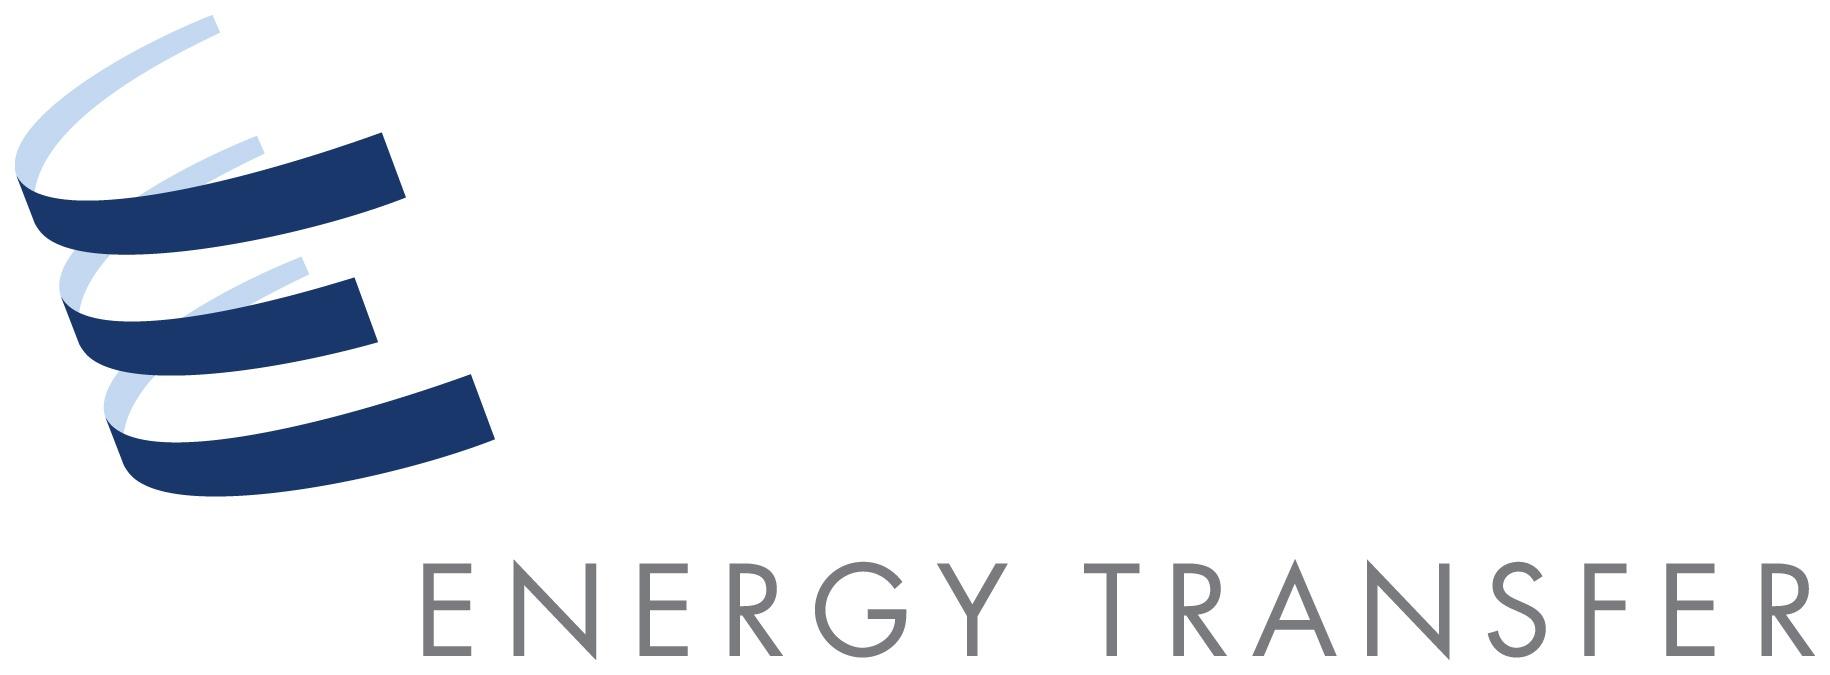 ENERGY_TRANSFER_logo.jpg